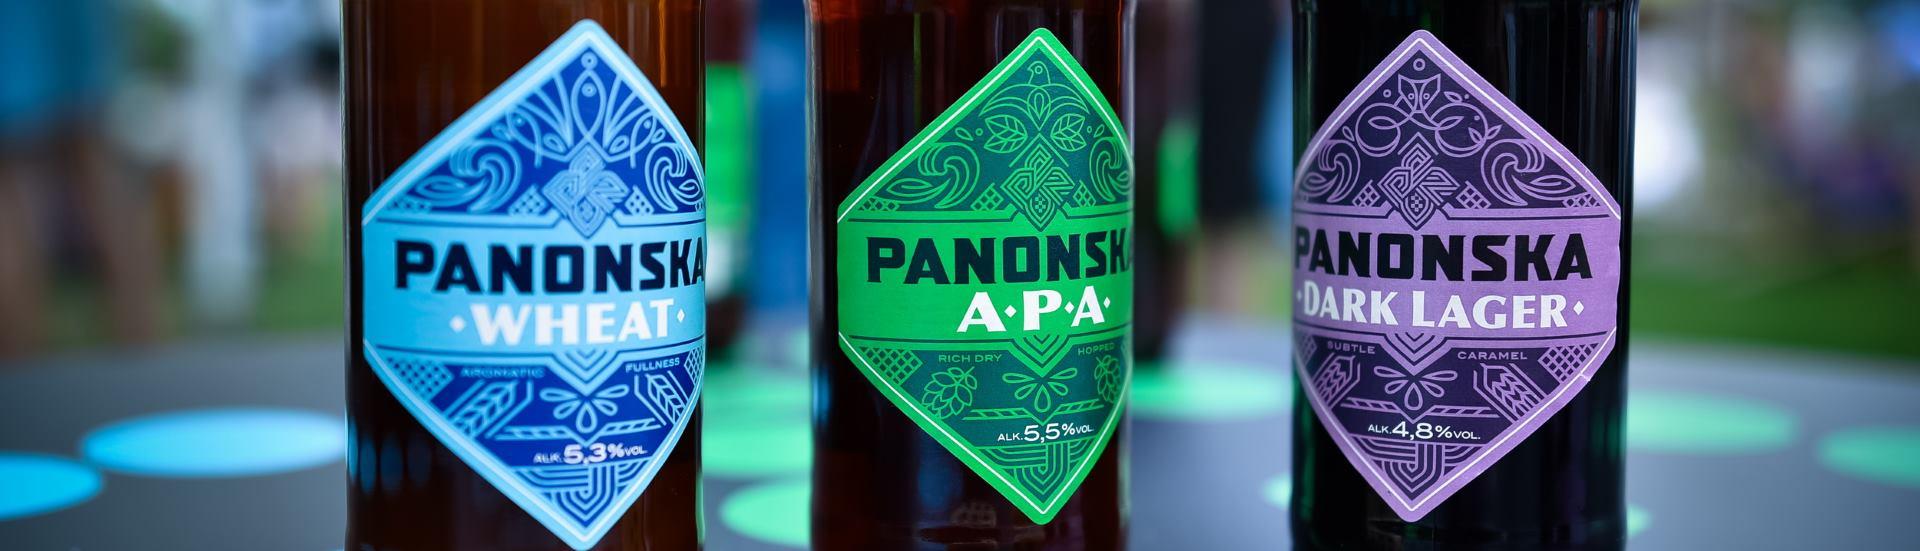 PANONSKA Na Delimano Food Festivalu predstavljen novi član pivovare Carlsberg